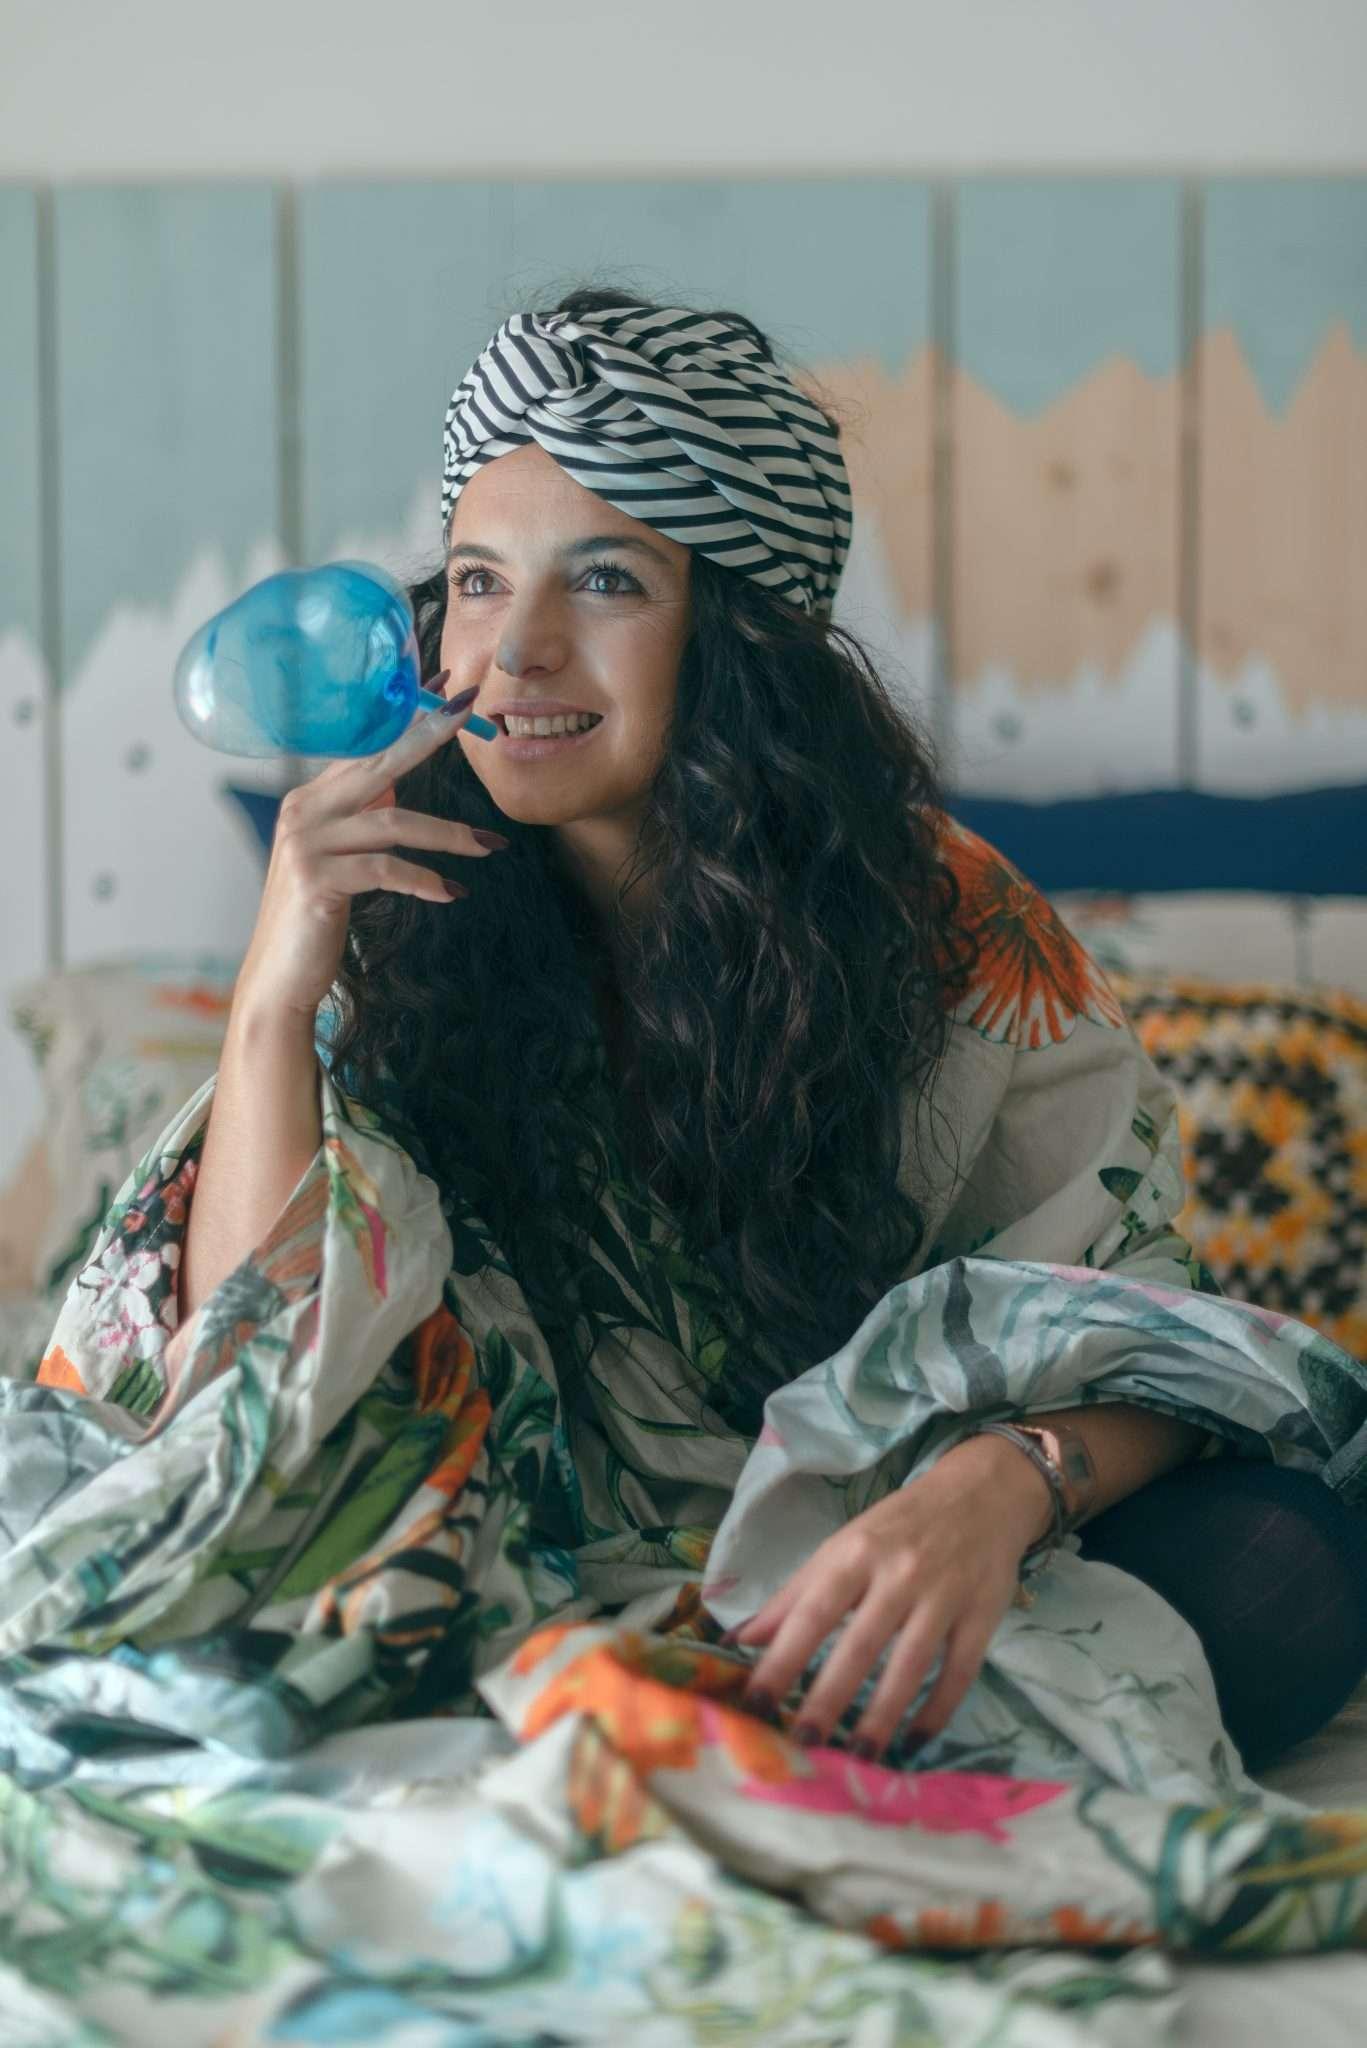 Fotografia Claudia con fascia nei capelli realizzata da Barbara Trincone fotografa ritrattista professionista di Napoli, esegue servizi di creazione ed ampliamento lookbook per modelle/i e attori